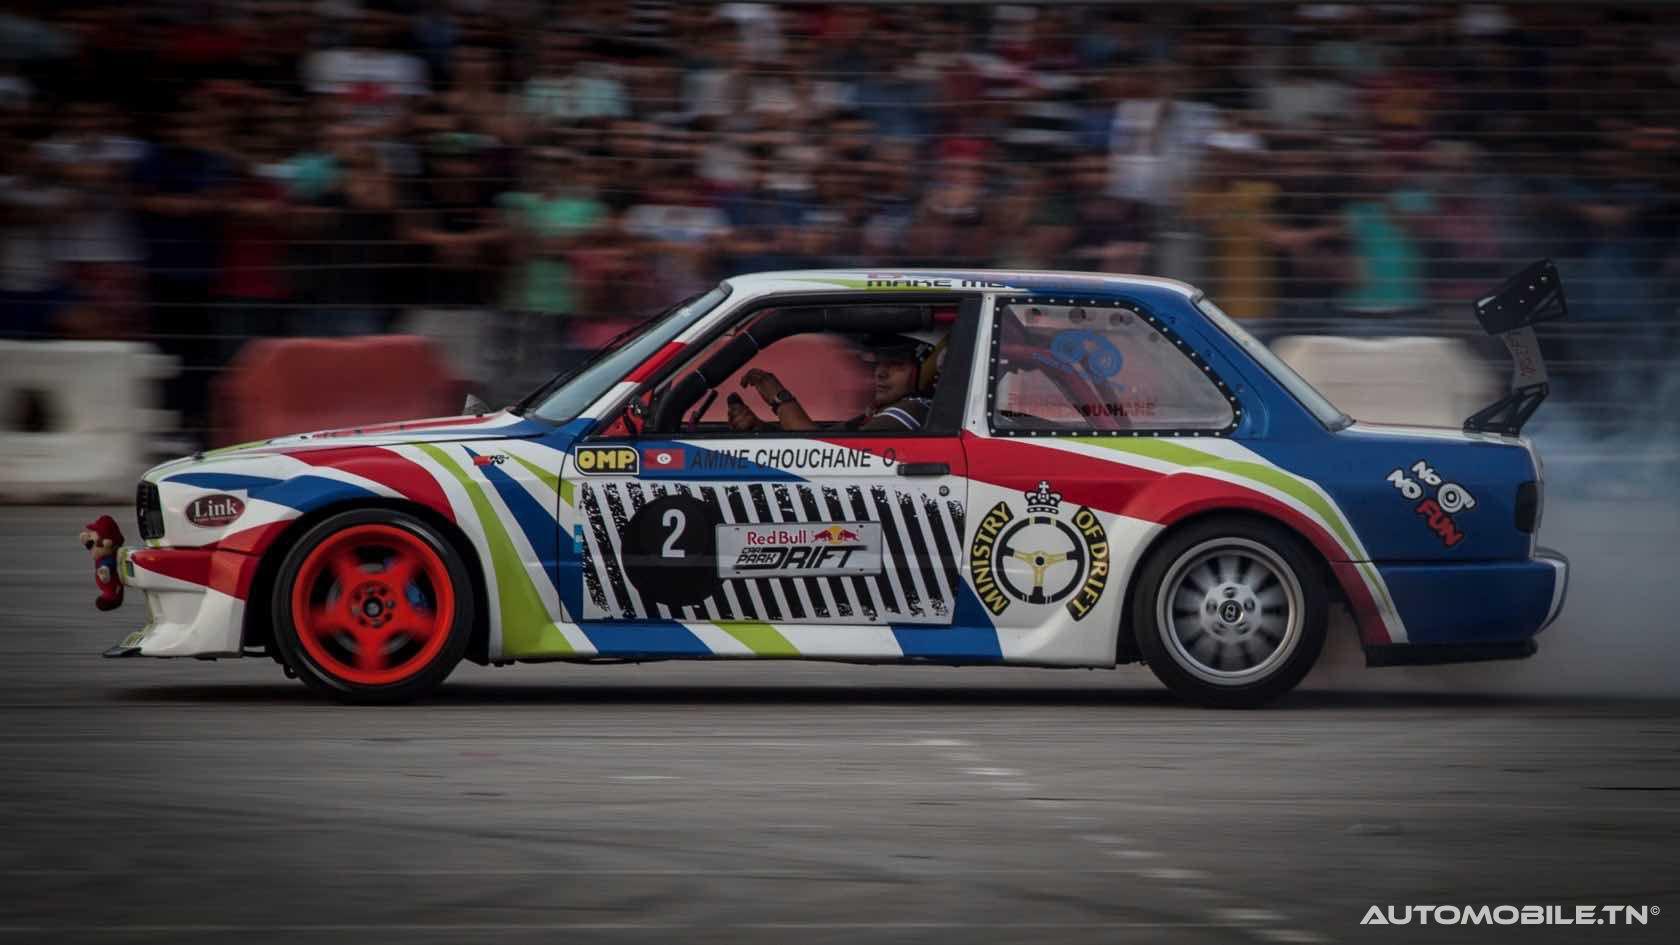 Premier nissan paris tn for Premier motors columbia tn